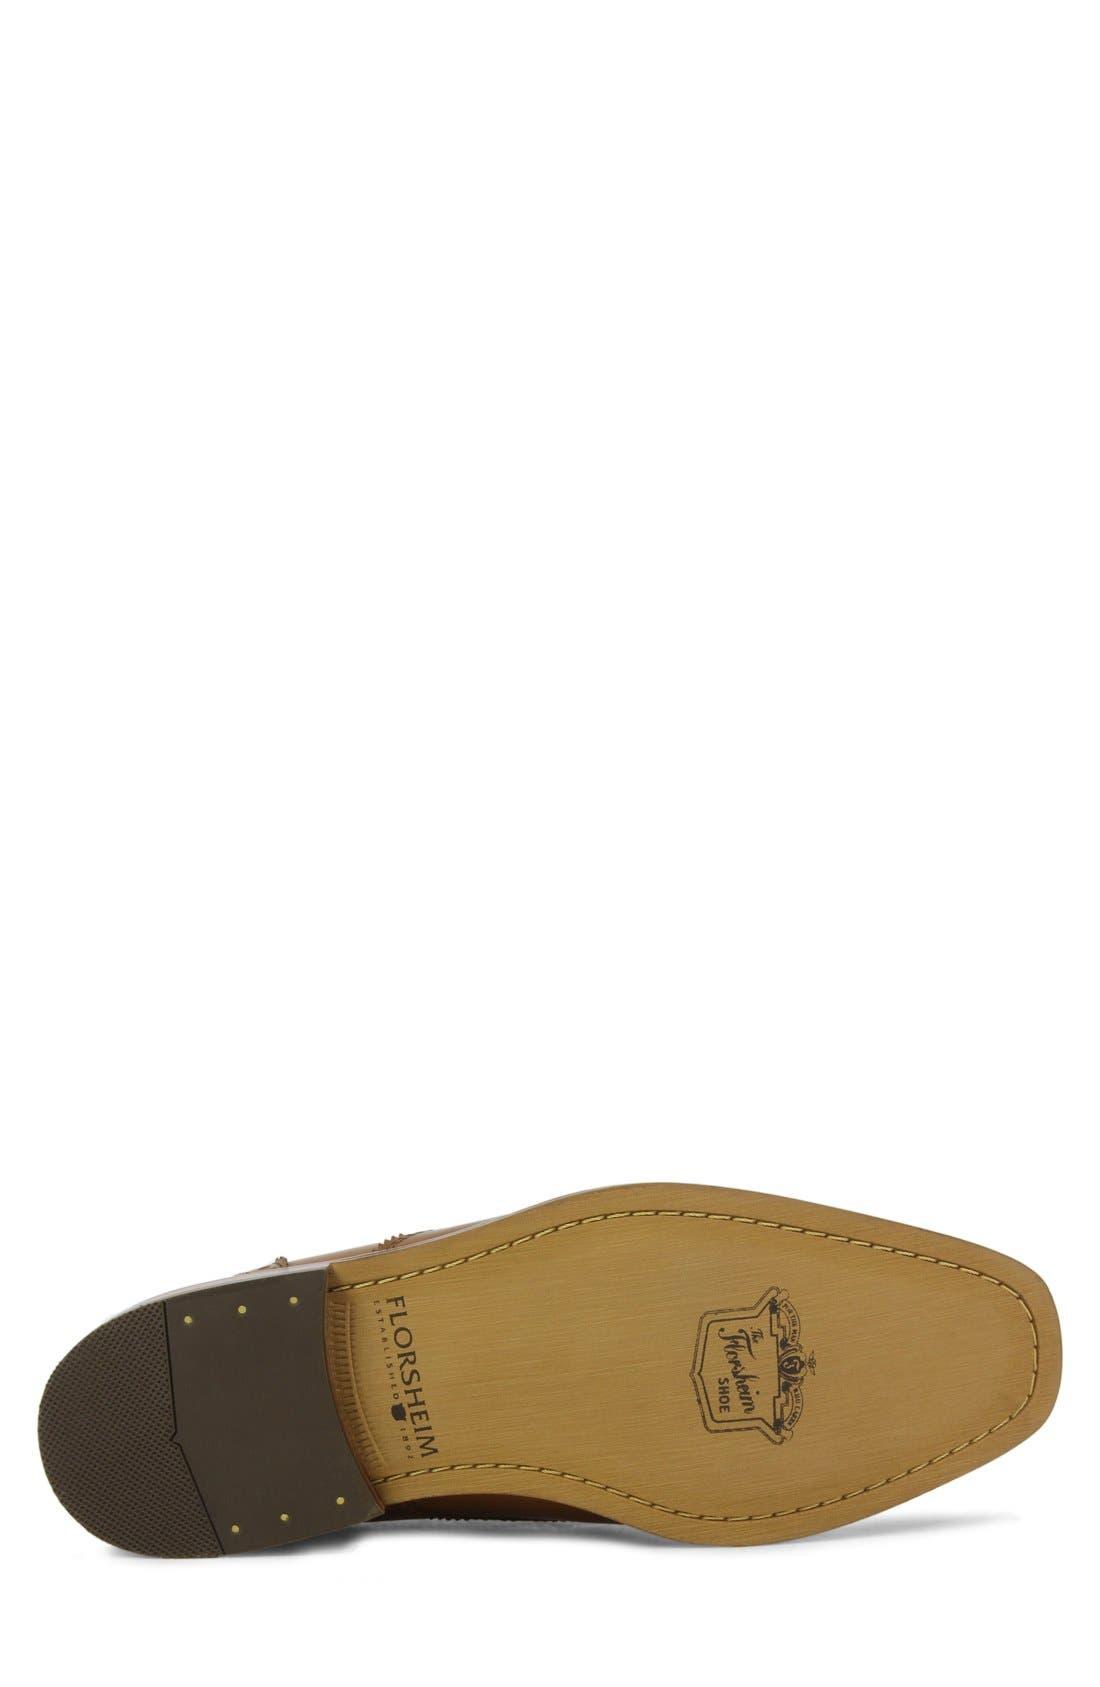 'Castellano' Venetian Loafer,                             Alternate thumbnail 2, color,                             237